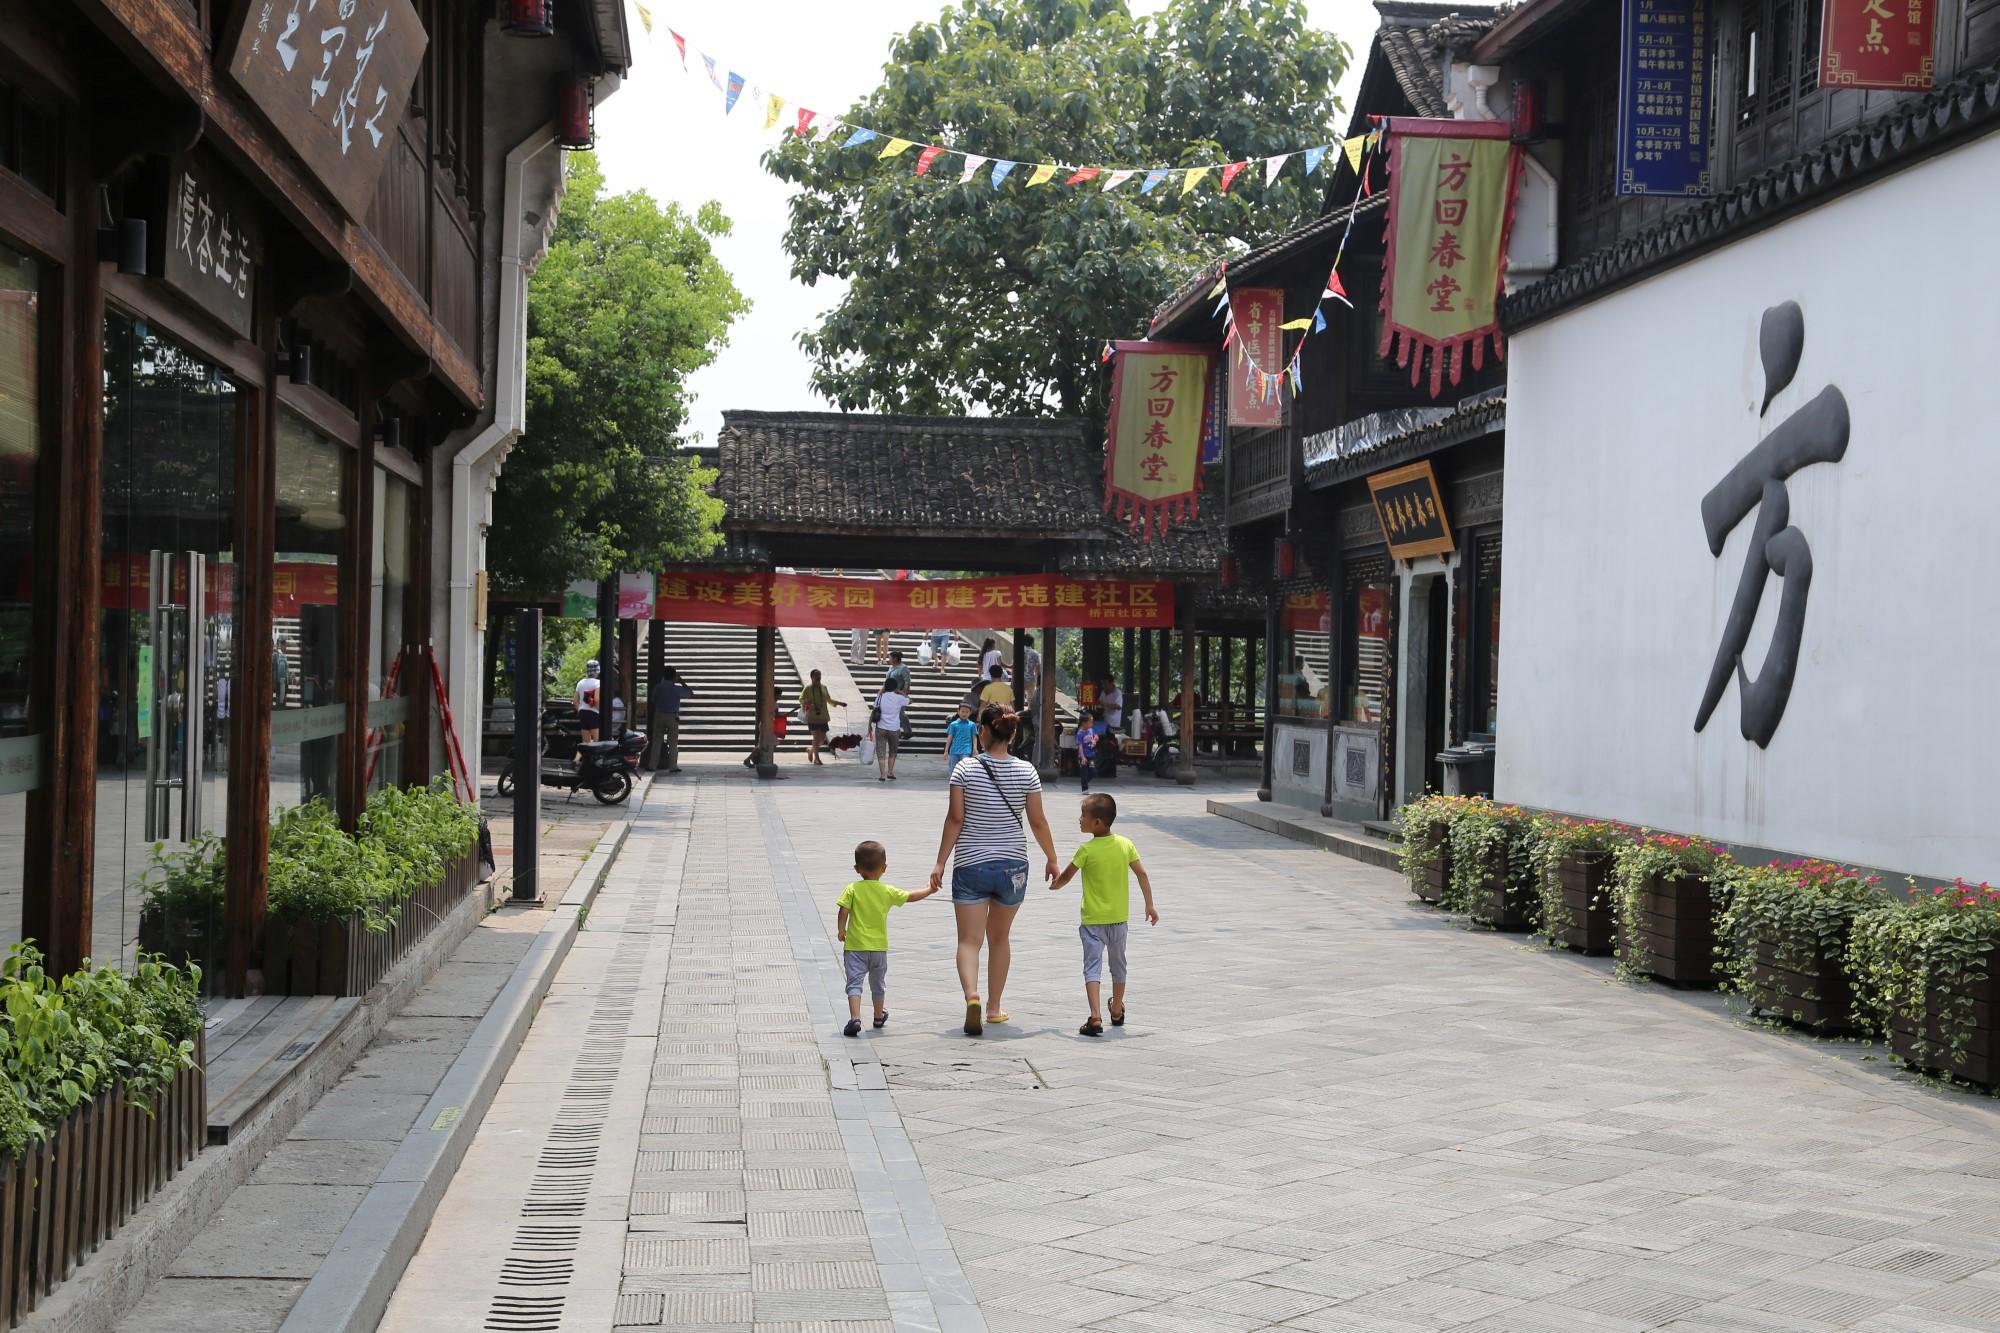 مدينة هانغتشو الصينية Hangzhou